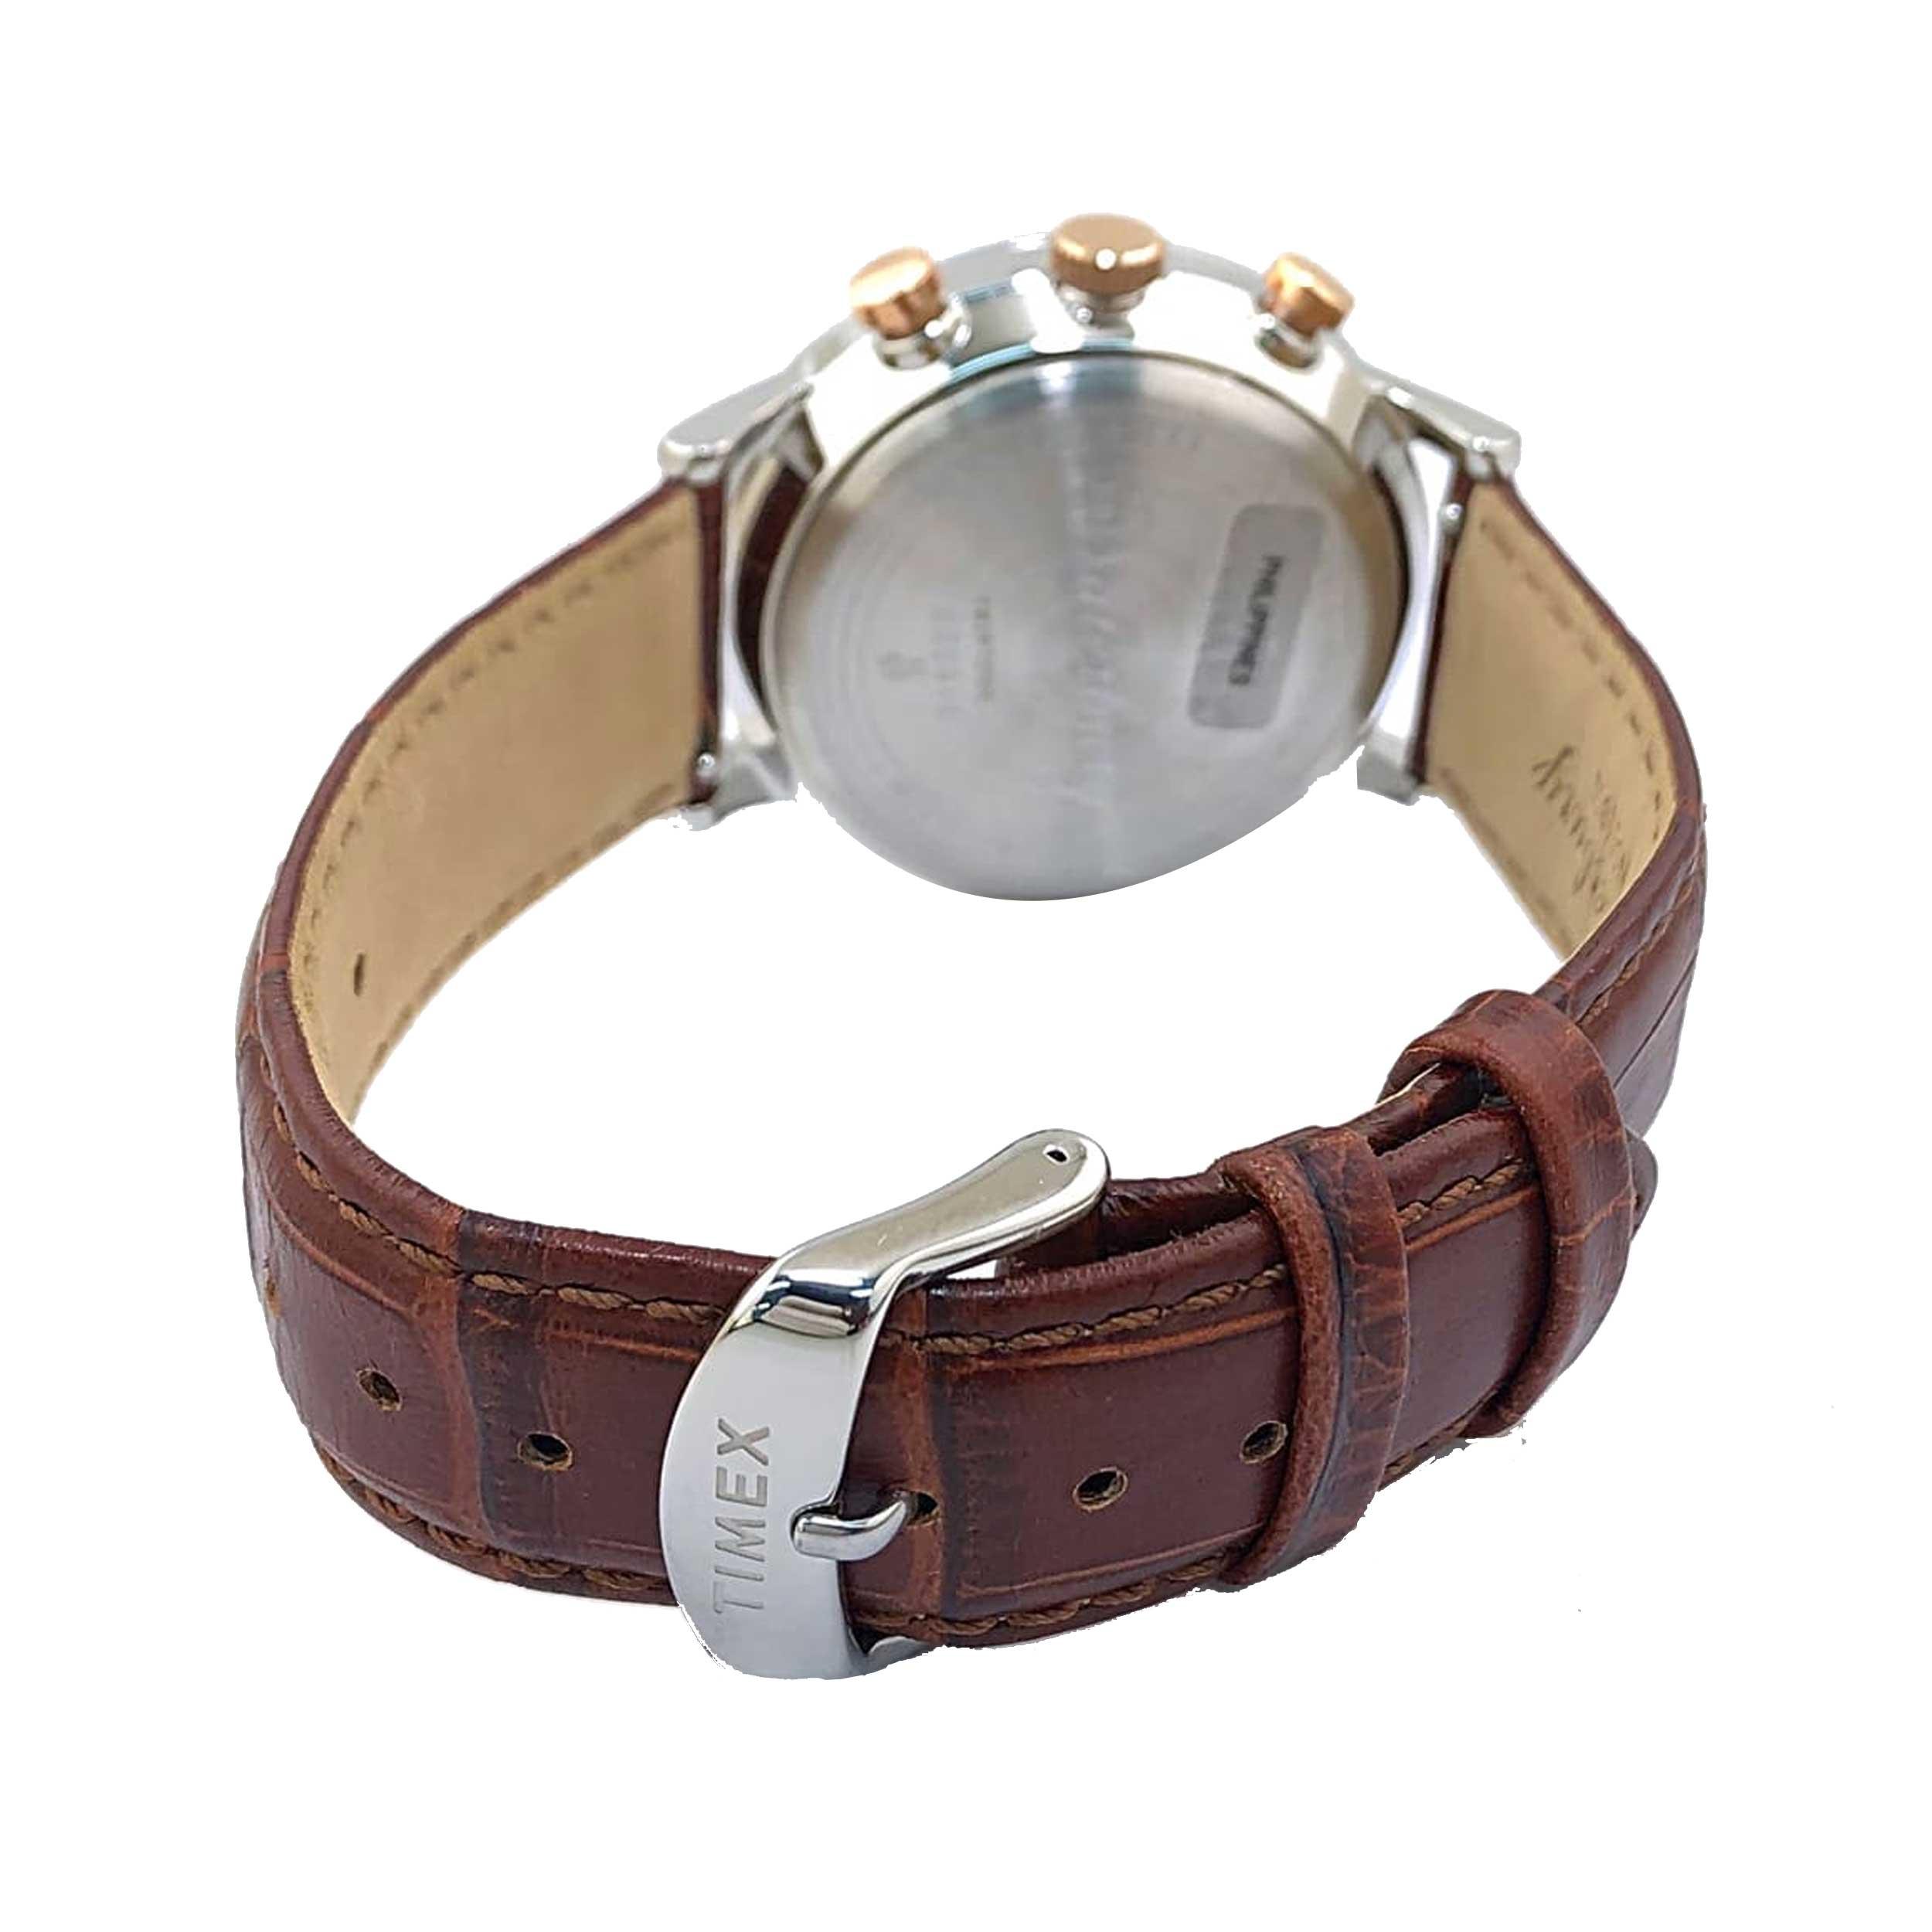 ساعت مچی عقربه ای مردانه تایمکس مدل TW2R72100 -  - 3